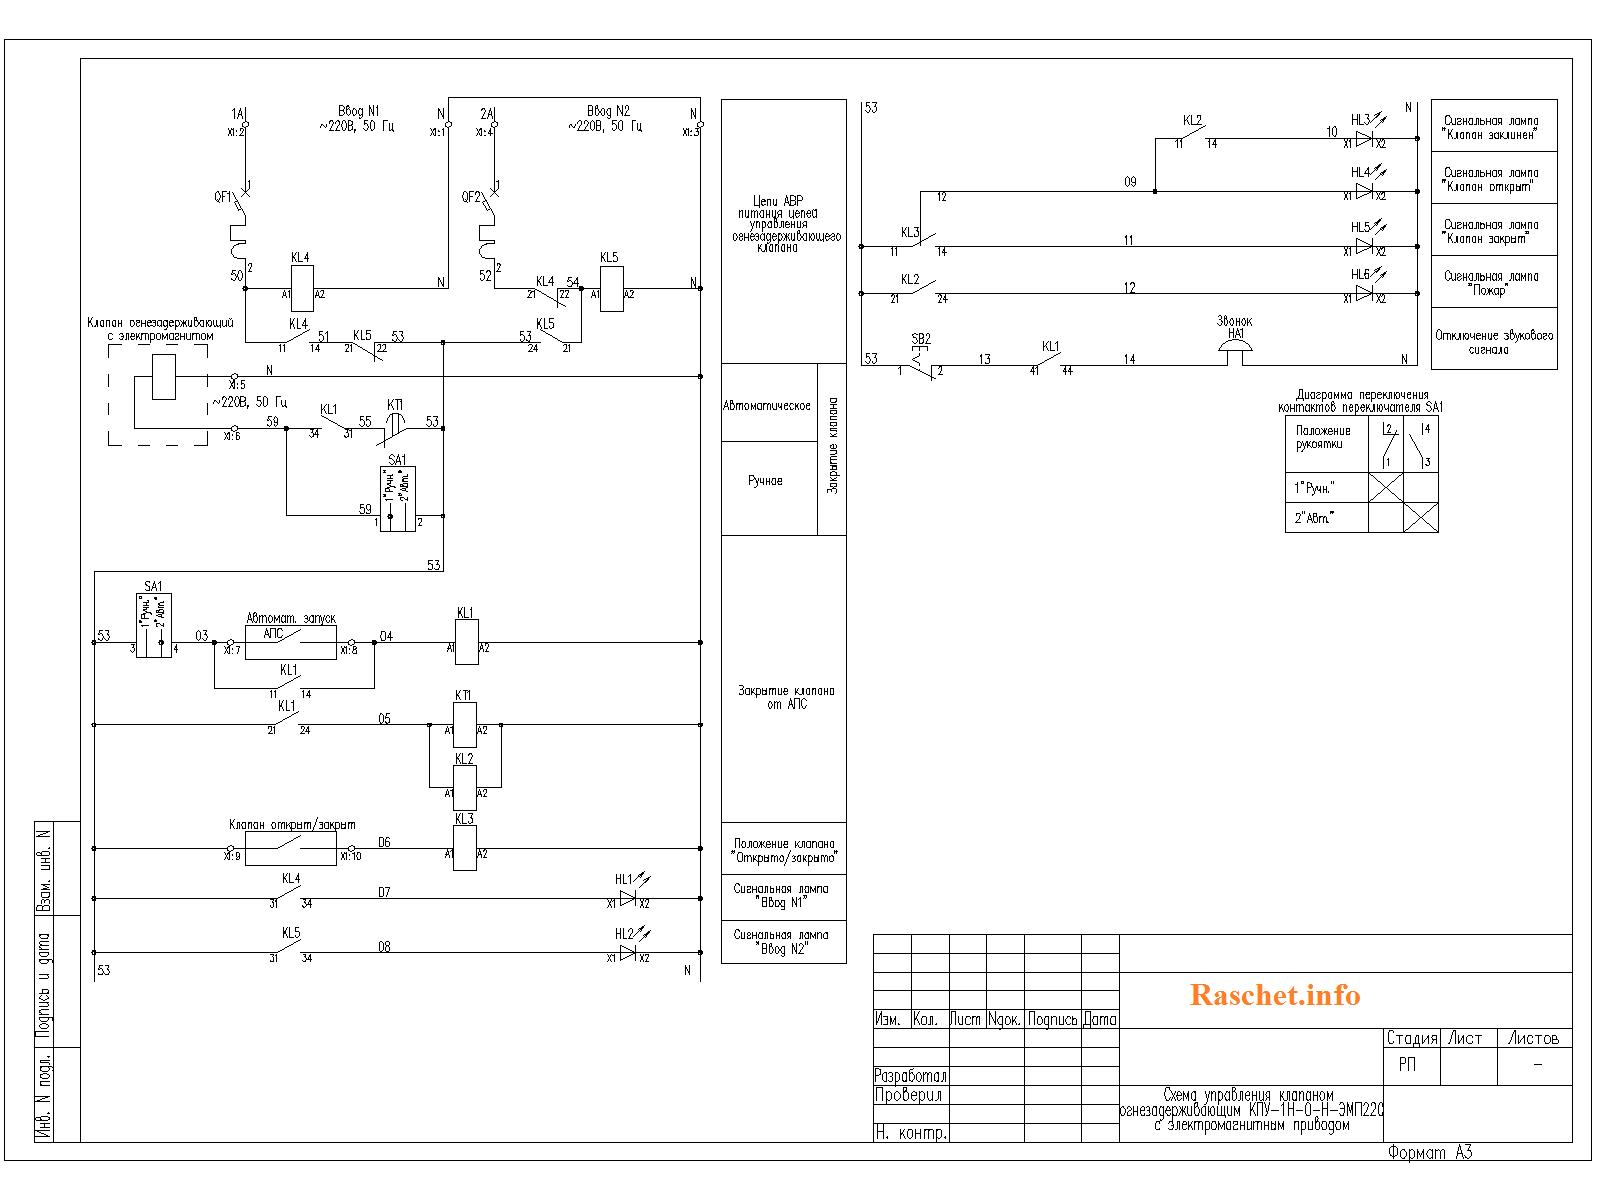 Схема управления огнезадерживающего клапана КПУ-1Н с электромагнитным приводом.dwg